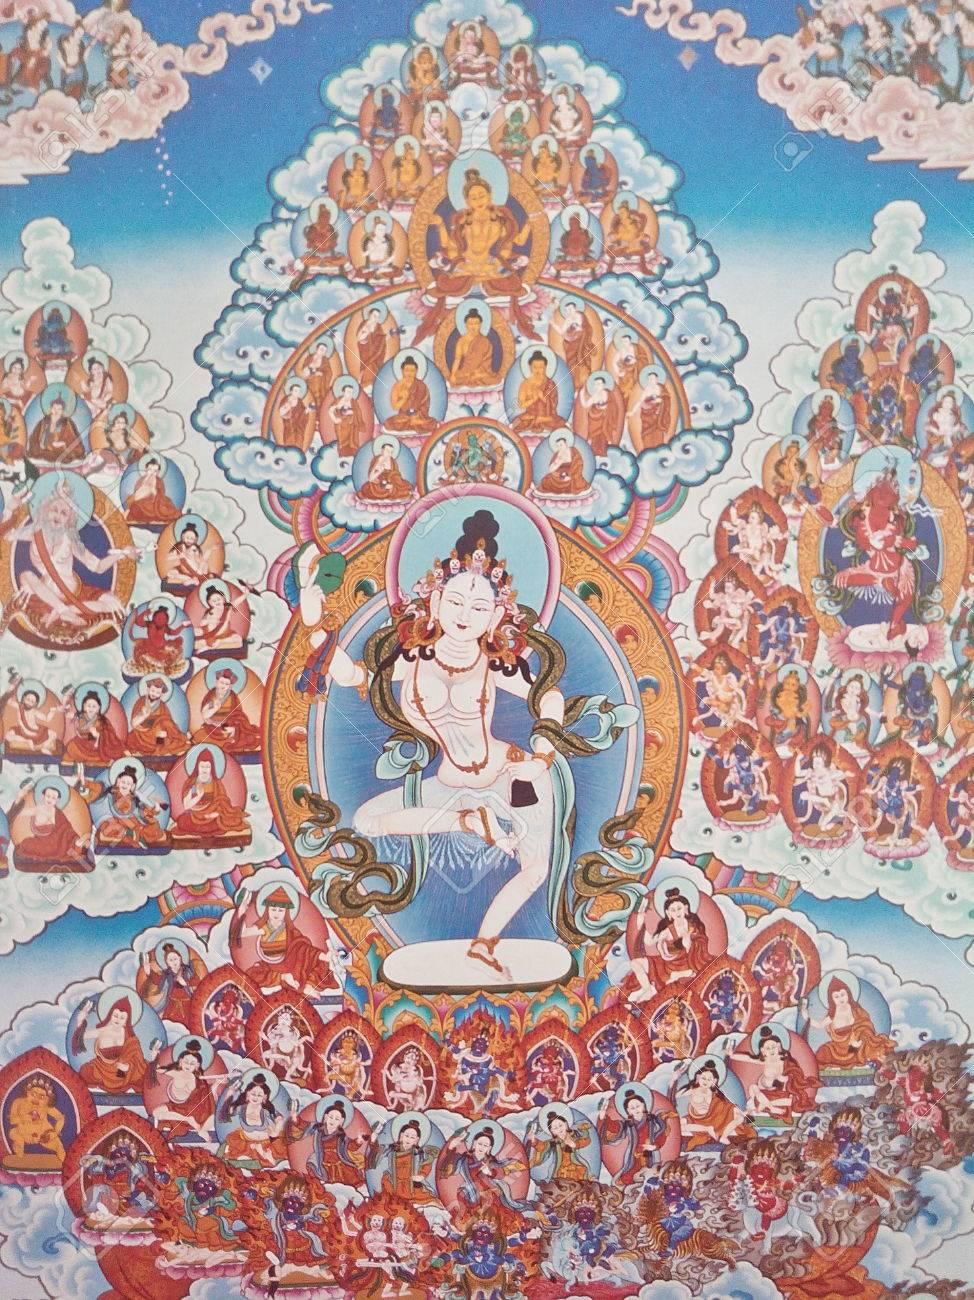 チベット仏教 の写真素材・画像素材 Image 34308471.